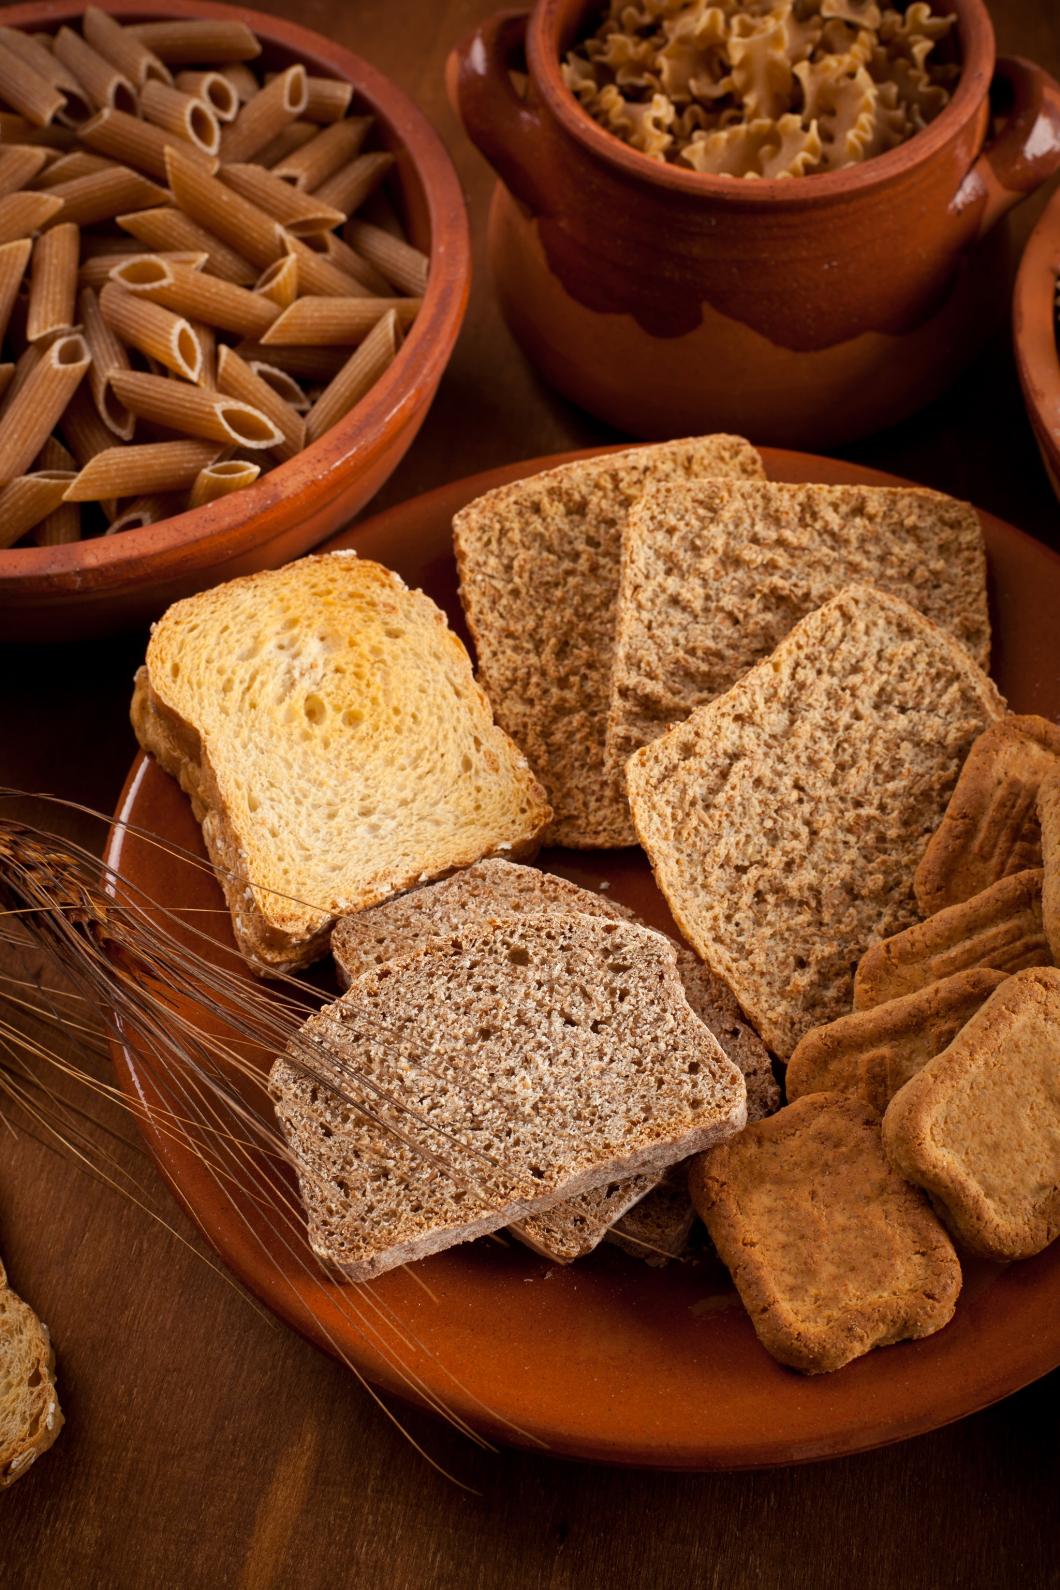 Fetma kopplas till förmågan att bryta ner kolhydrater